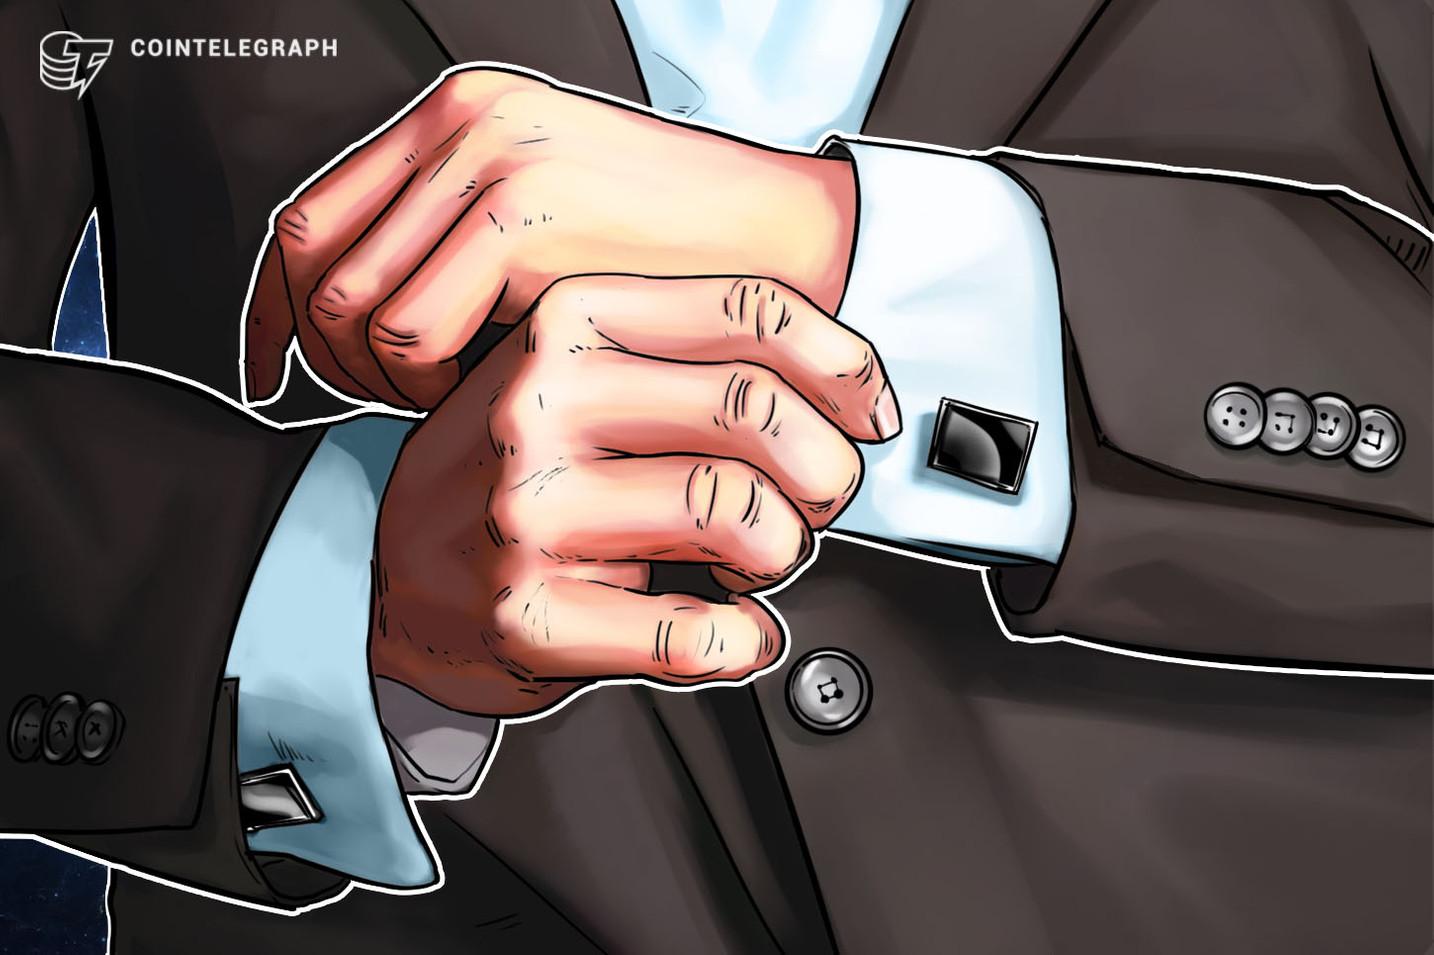 スクエア社の仮想通貨部門、ビットコイン・コアの開発者を雇用